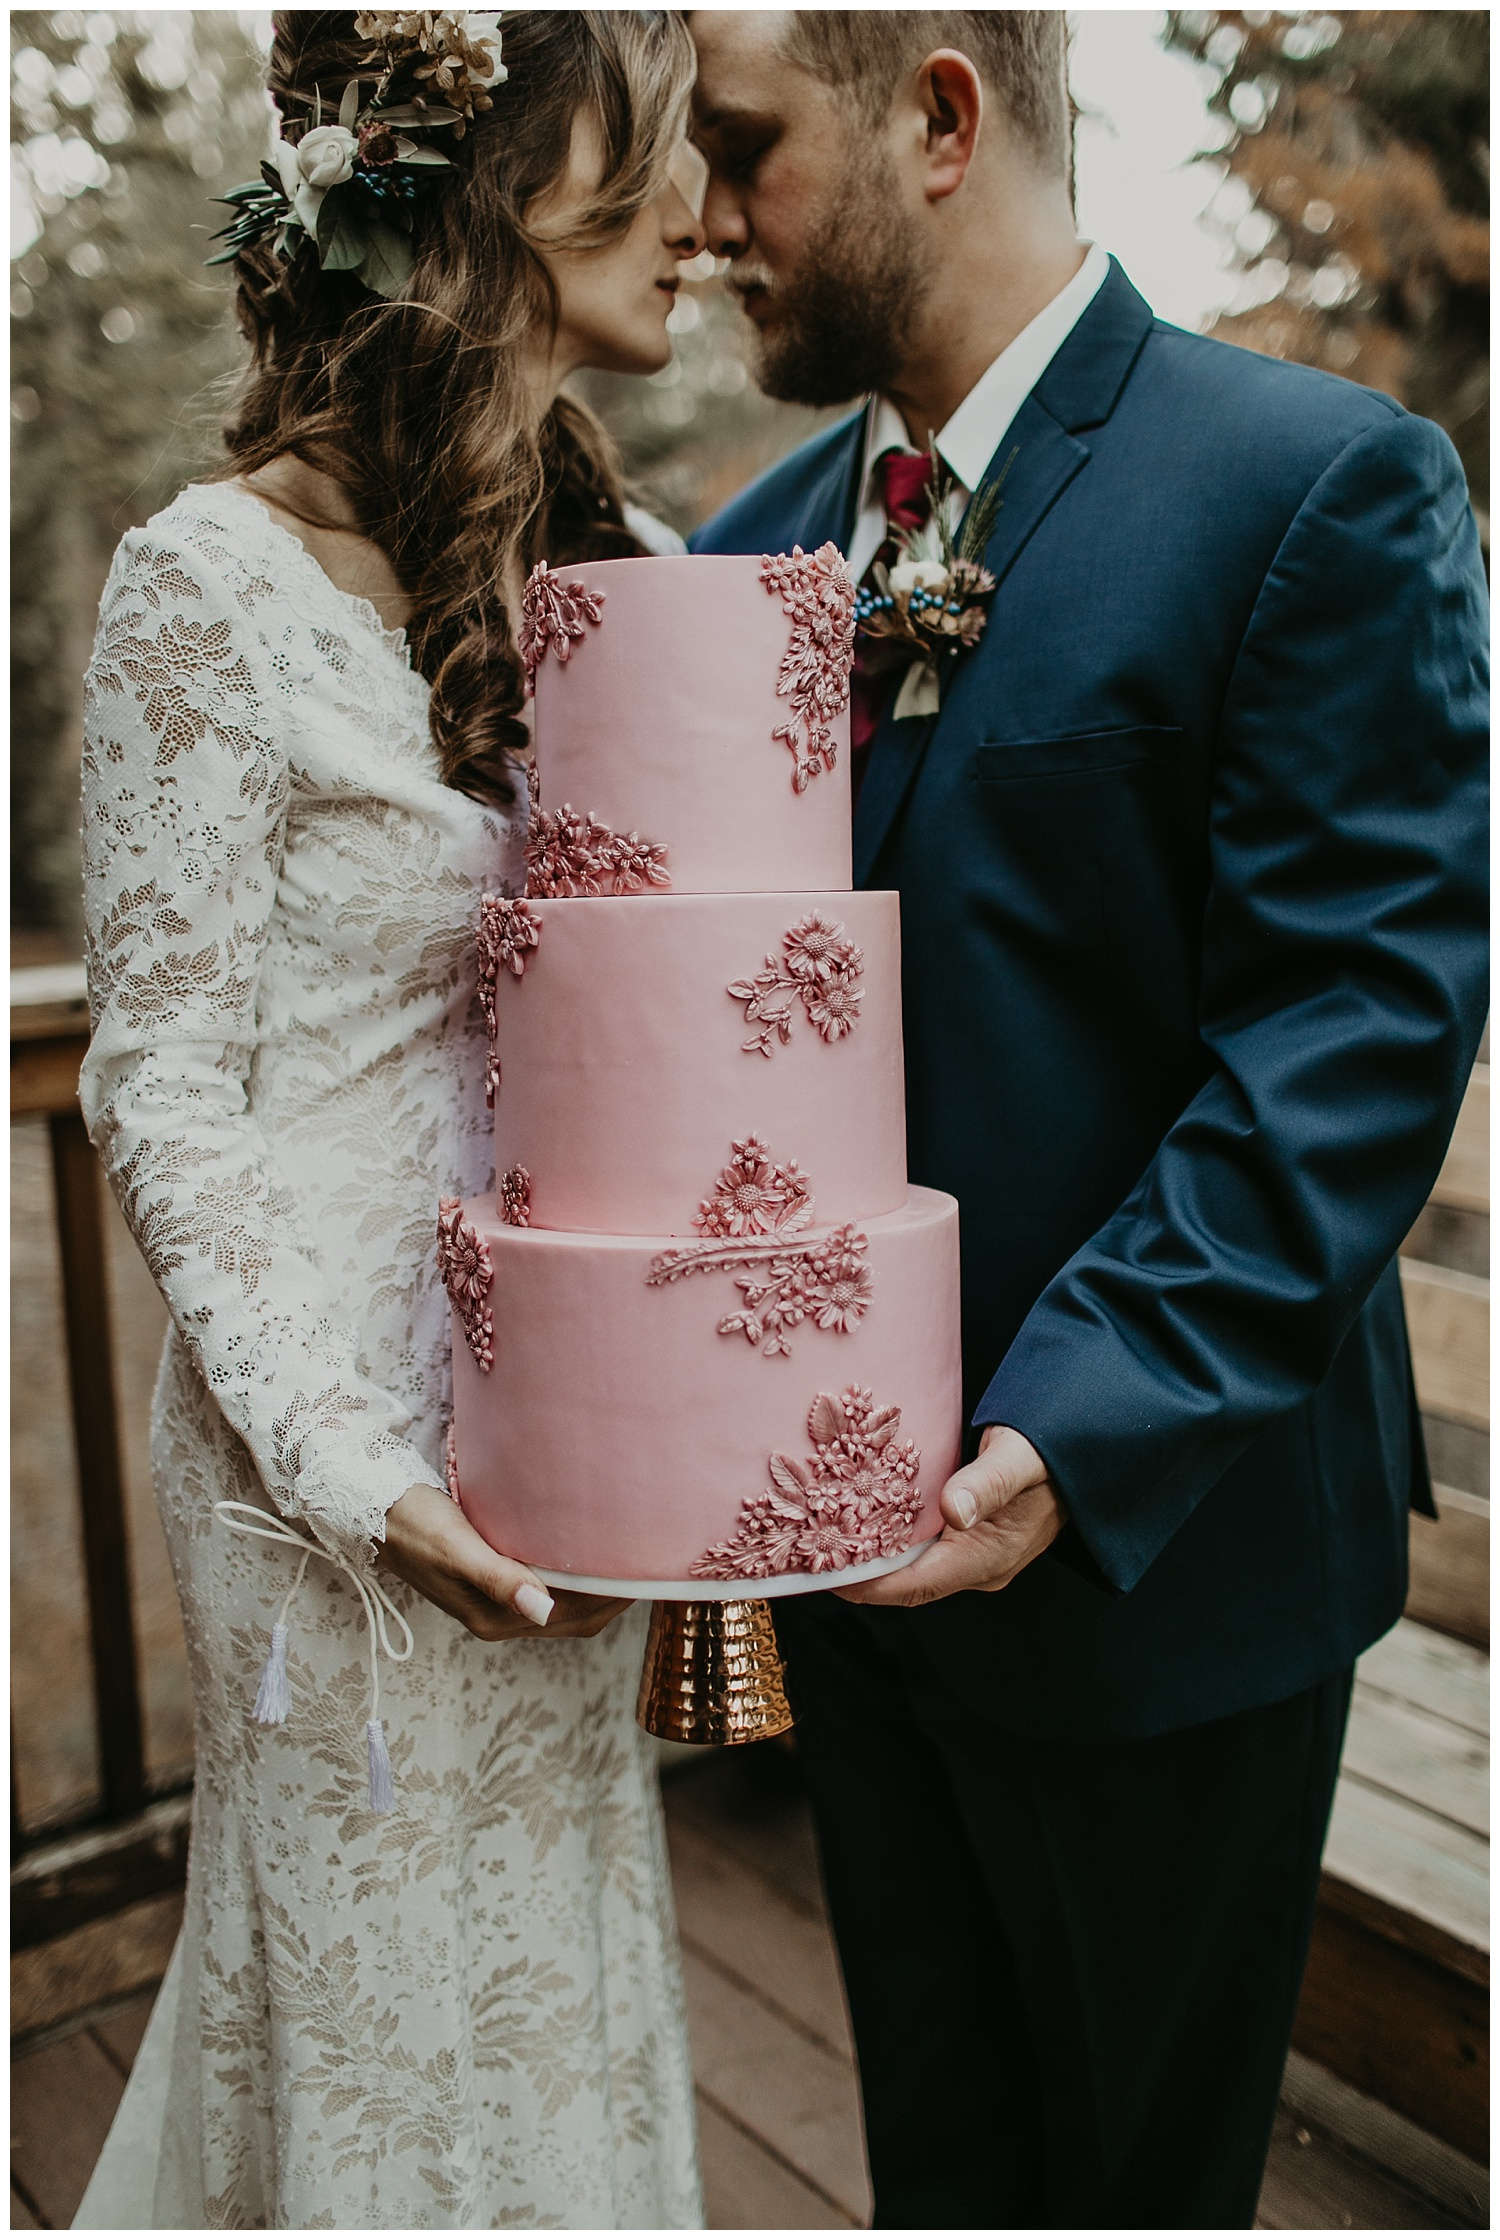 lake-tahoe-winter-wedding-blush-cake-cutting-celebration.jpg